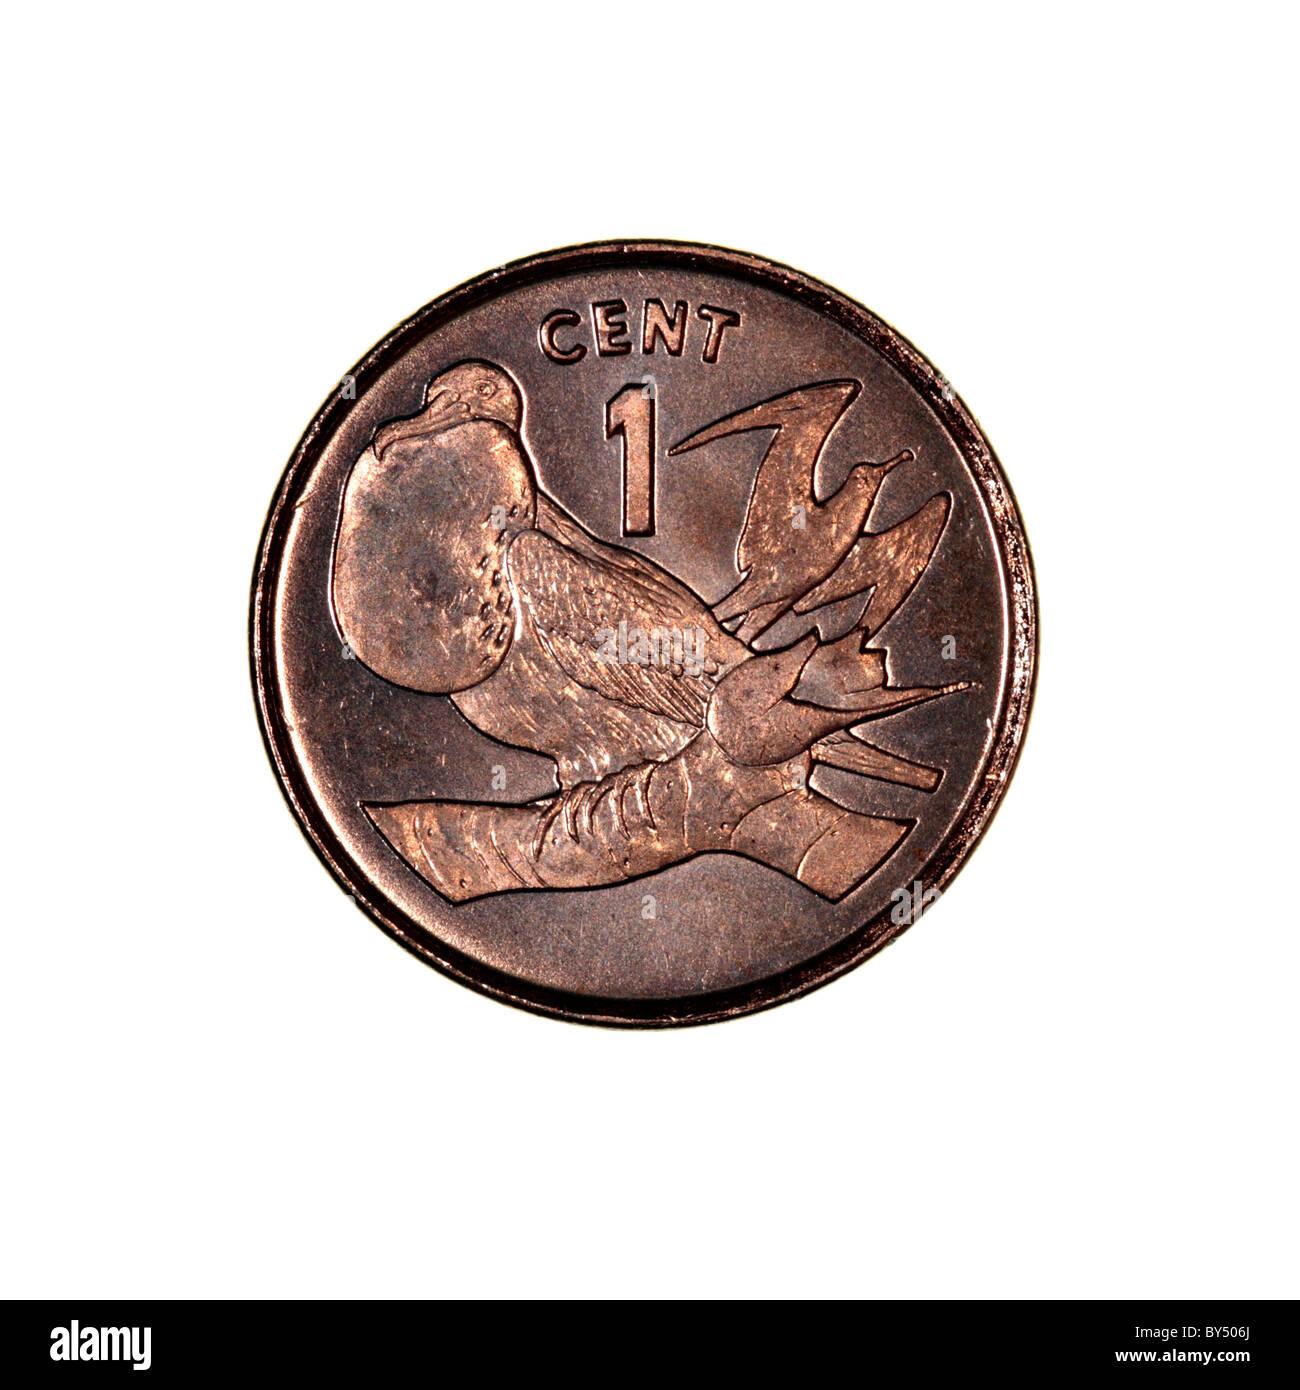 Kiribati coin - Stock Image